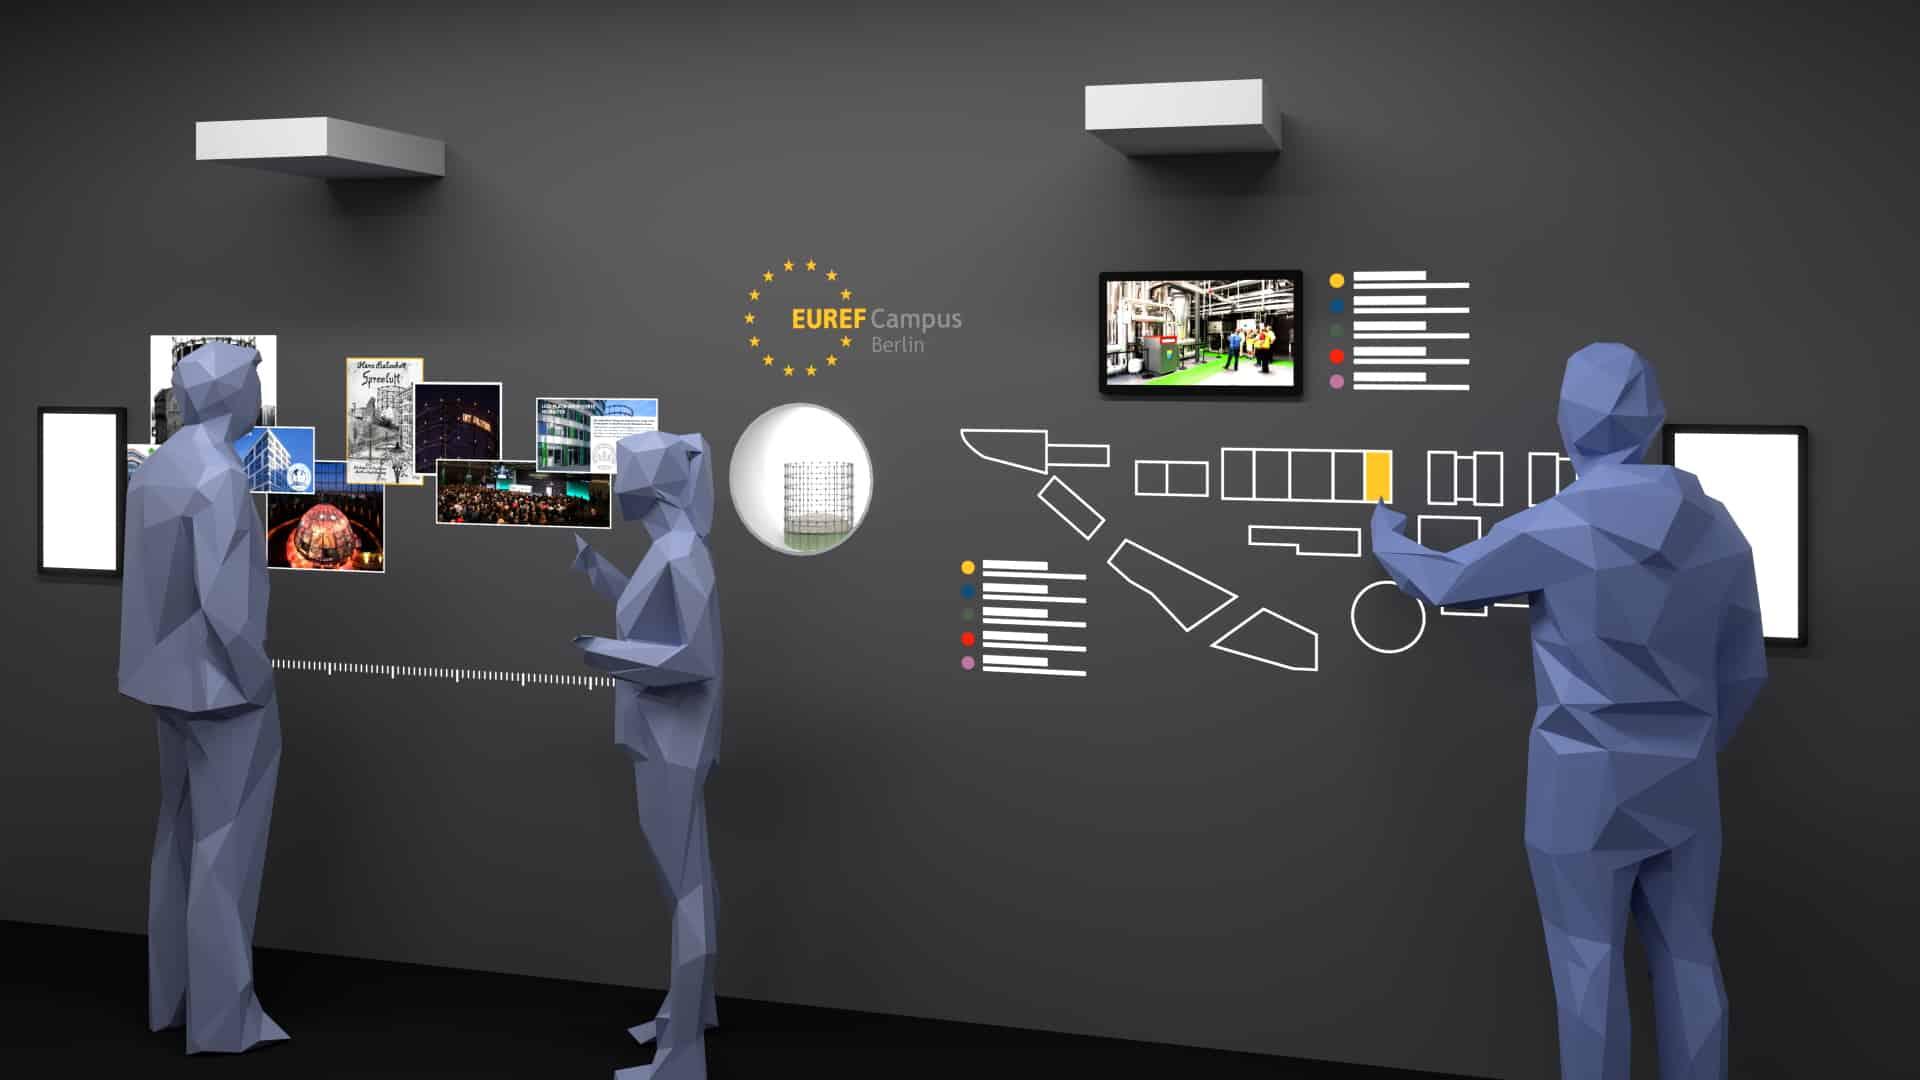 interaktive Wand mit Multitouch-Bildschirm, Projektion und Vitrine